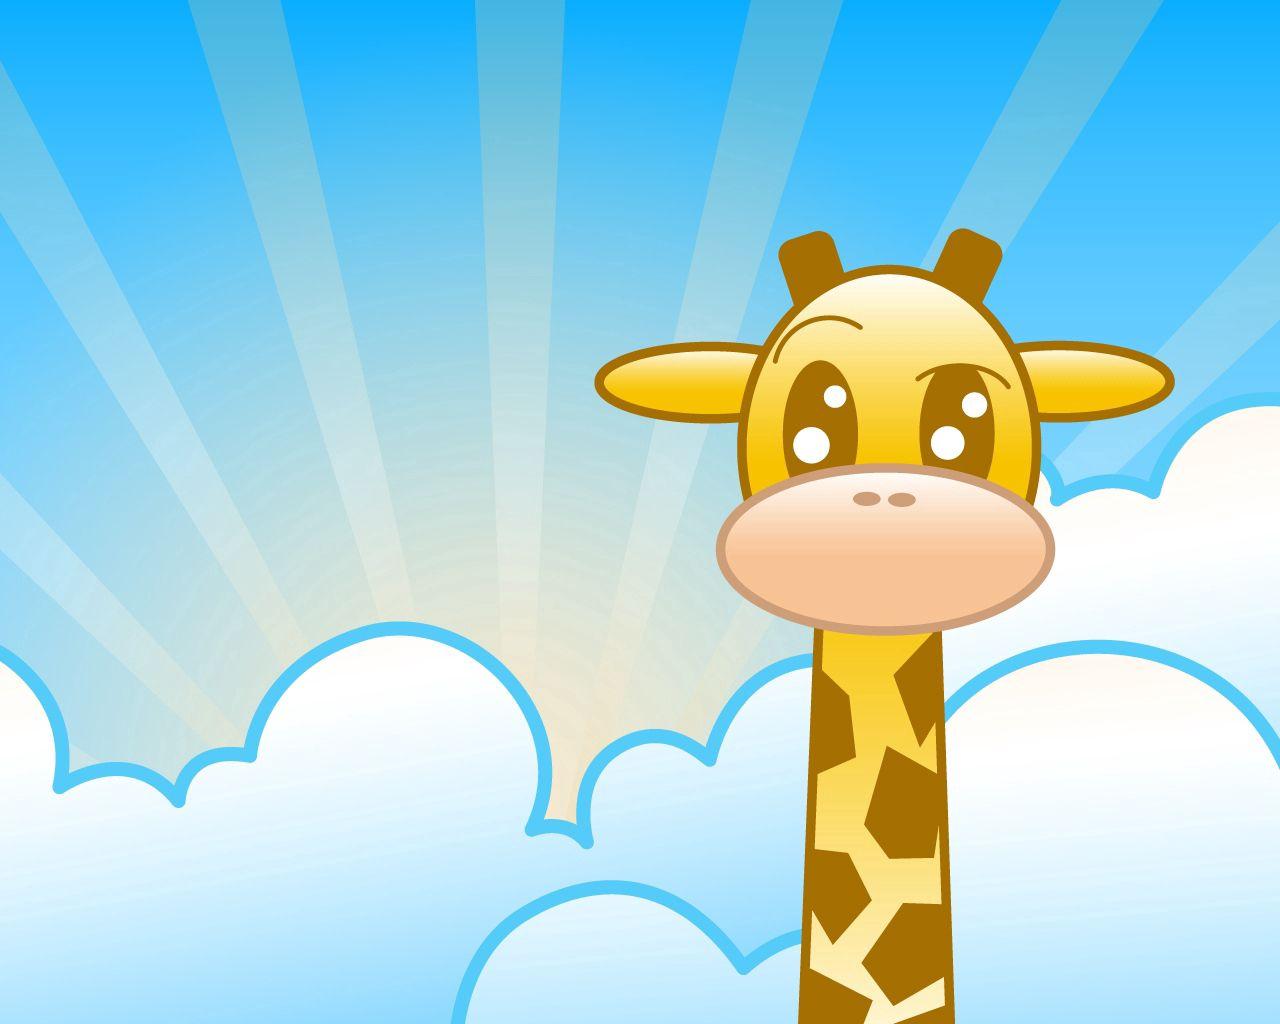 手機的107181屏保和壁紙卡通。 免費下載 向量, 矢量, 长颈鹿, 云, 线, 图片, 图 10, 卡通片, 卡通 圖片